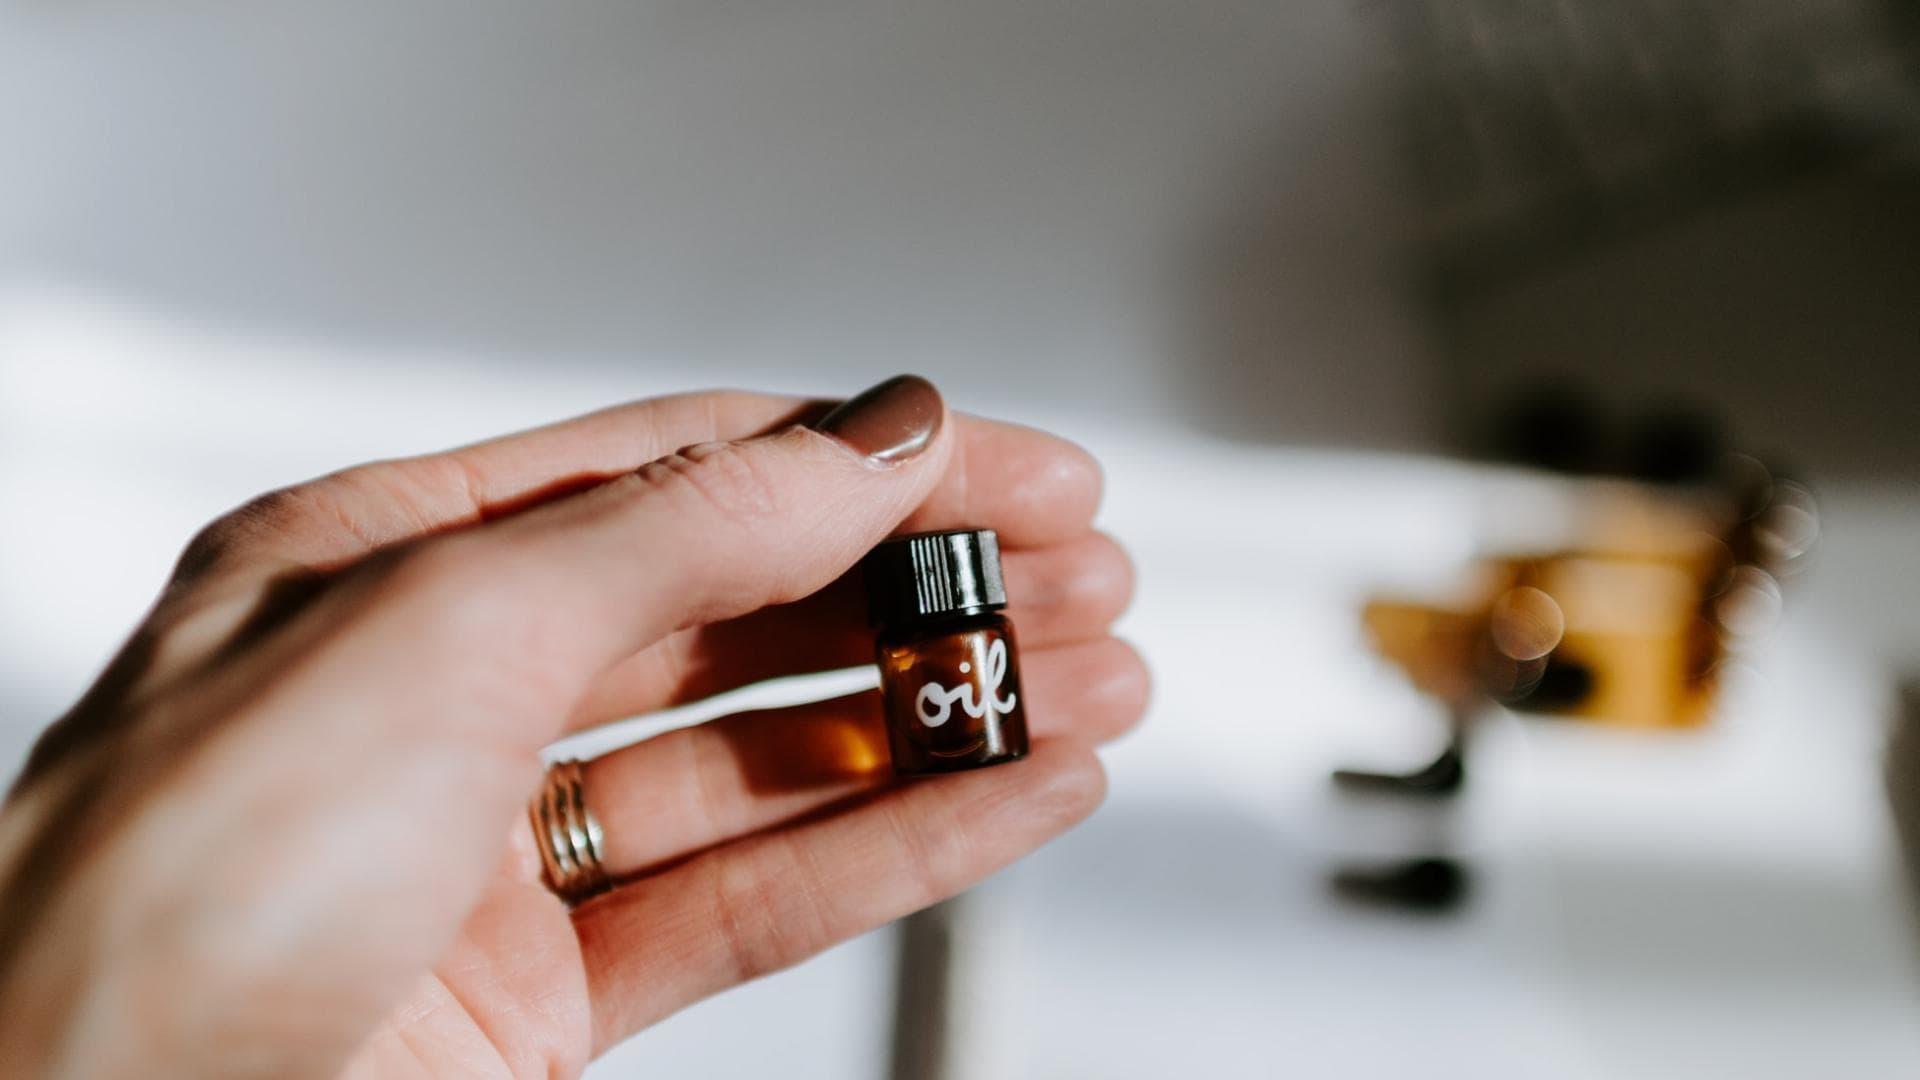 kleine Ölampulle, Öl für Haut und Haare